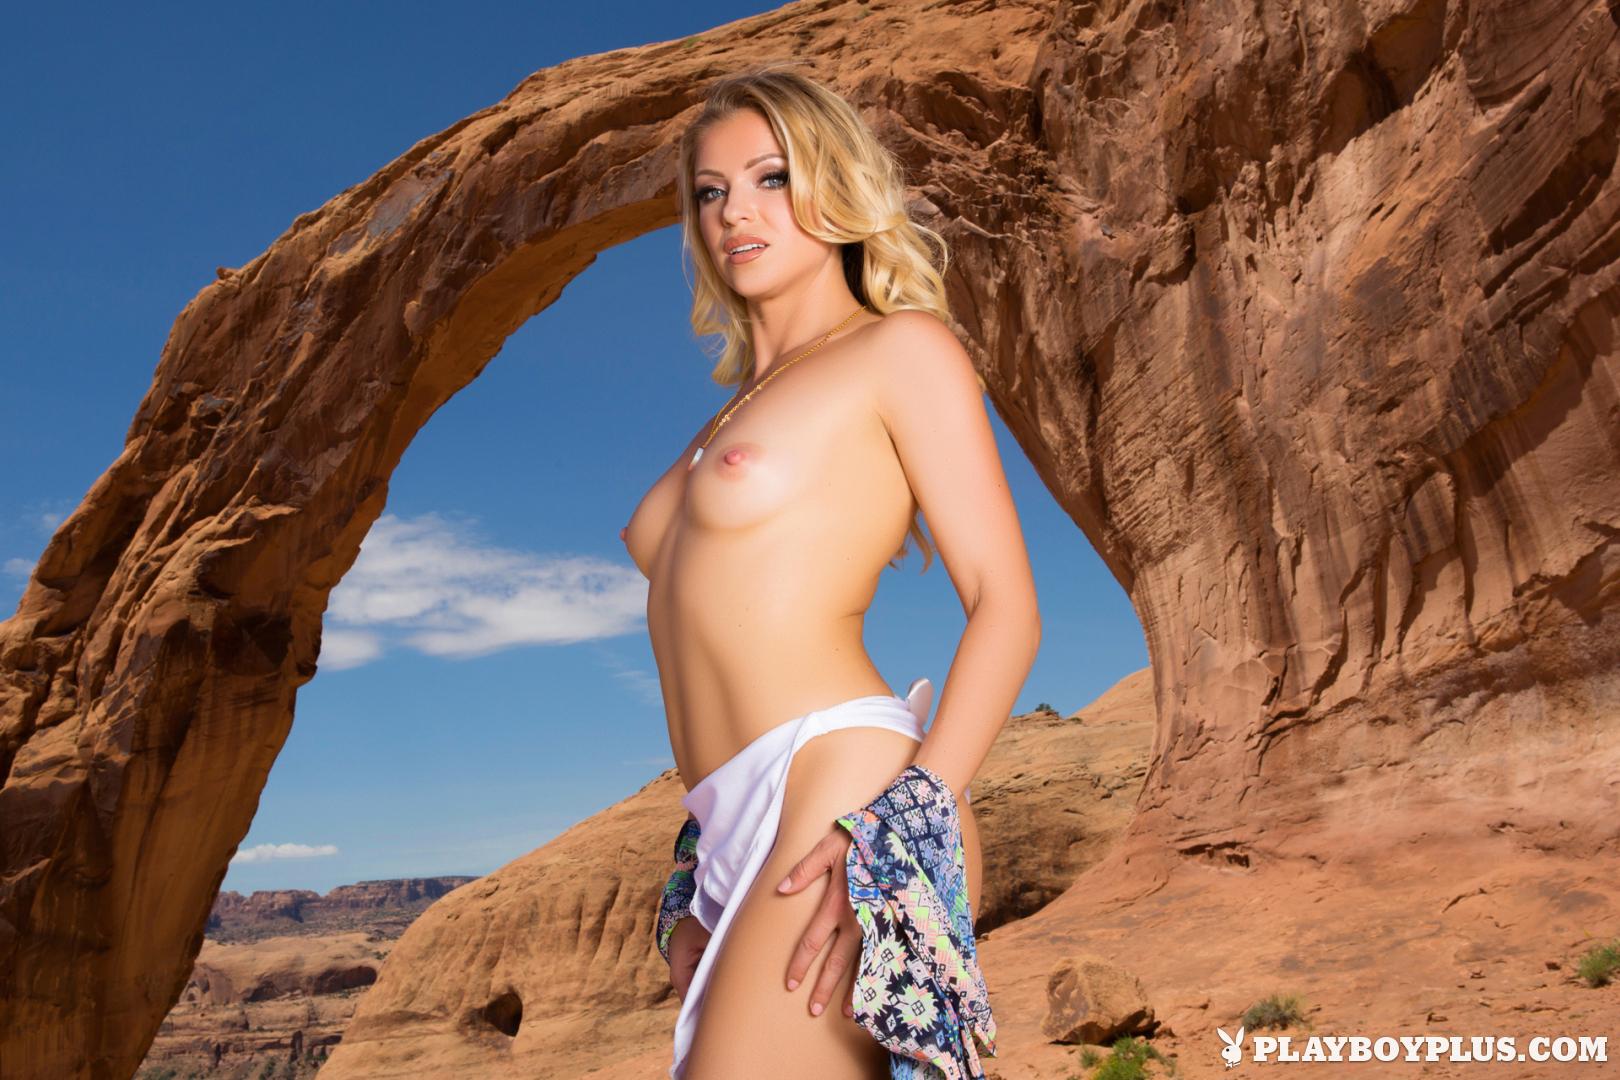 hot girl nude butt